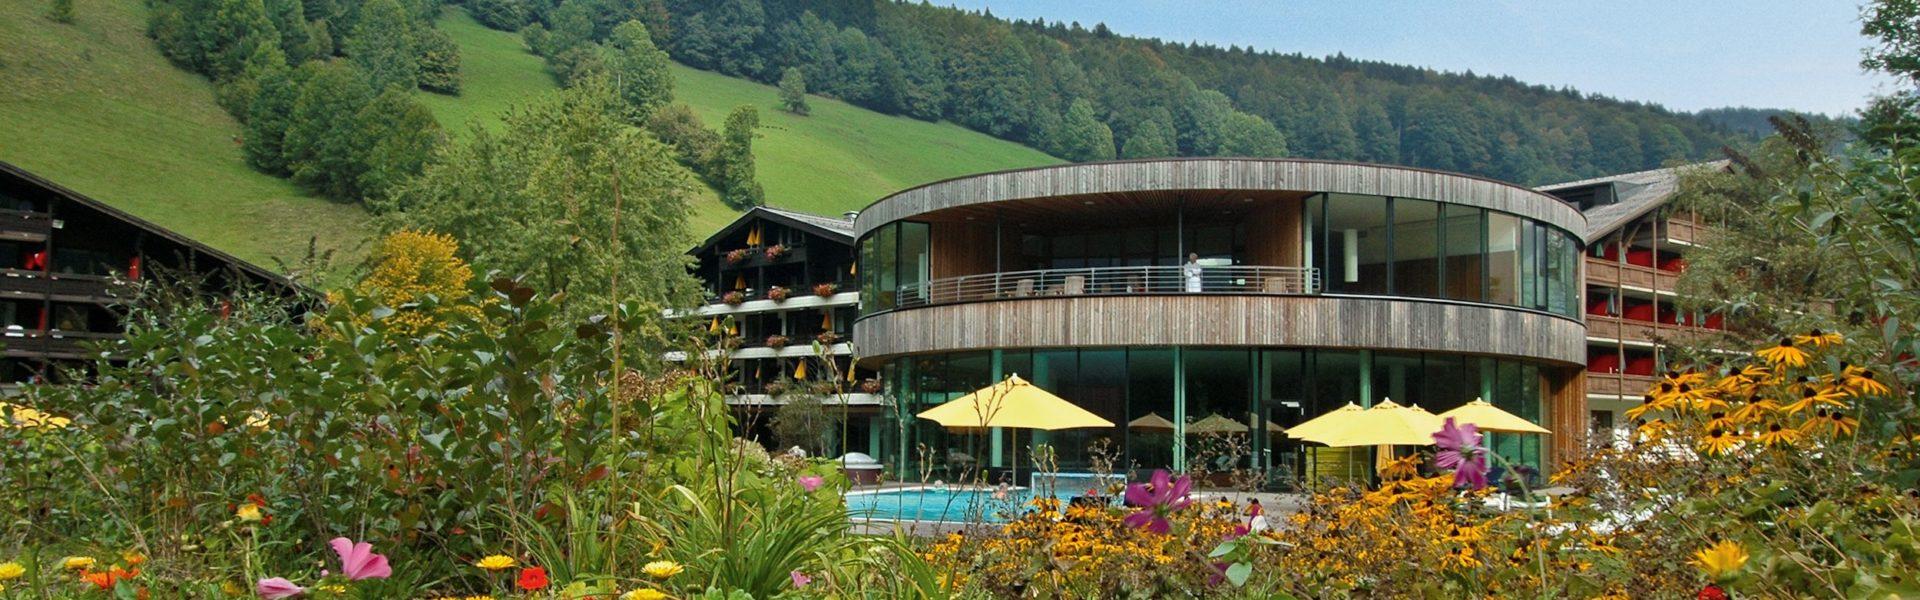 Wellnesshotel Gesundhotel Bad Reuthe, Bregenzerwald (c) Hotel Bad Reuthe